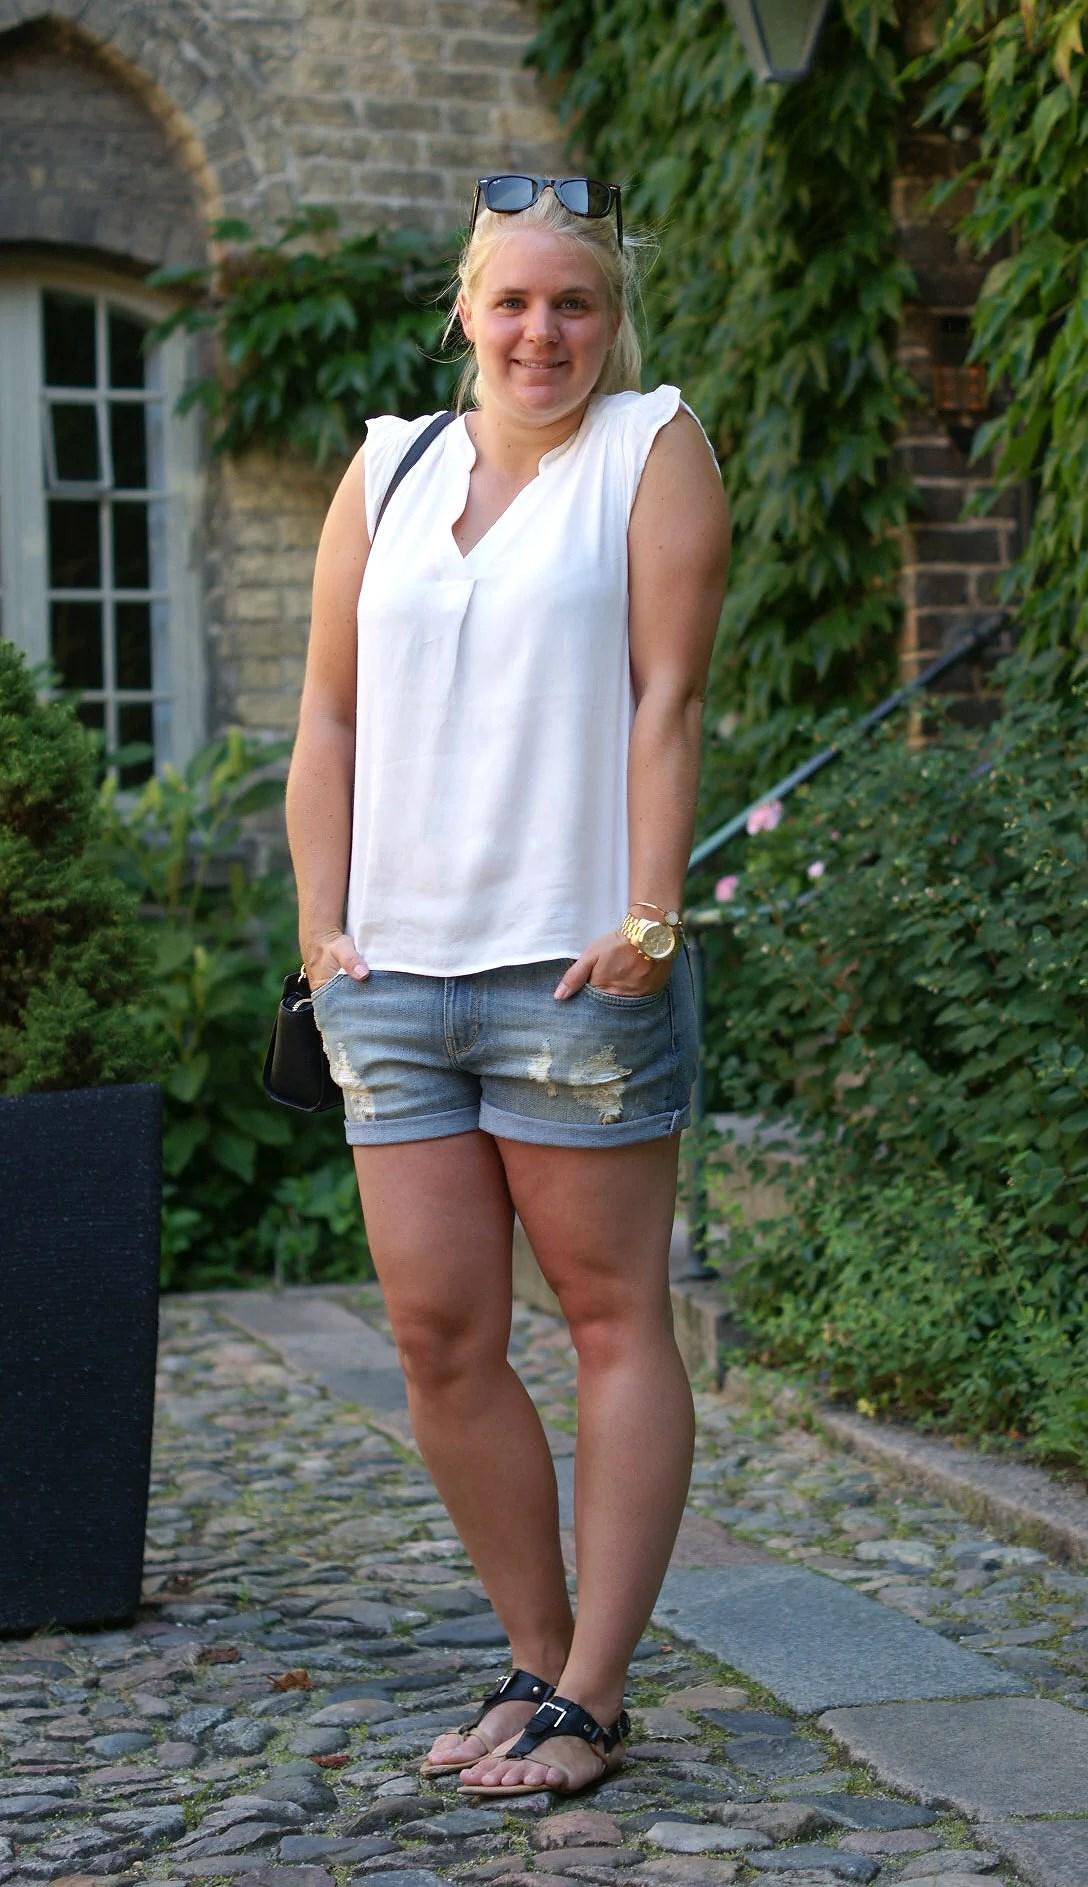 modeblogger-juliemænnchen